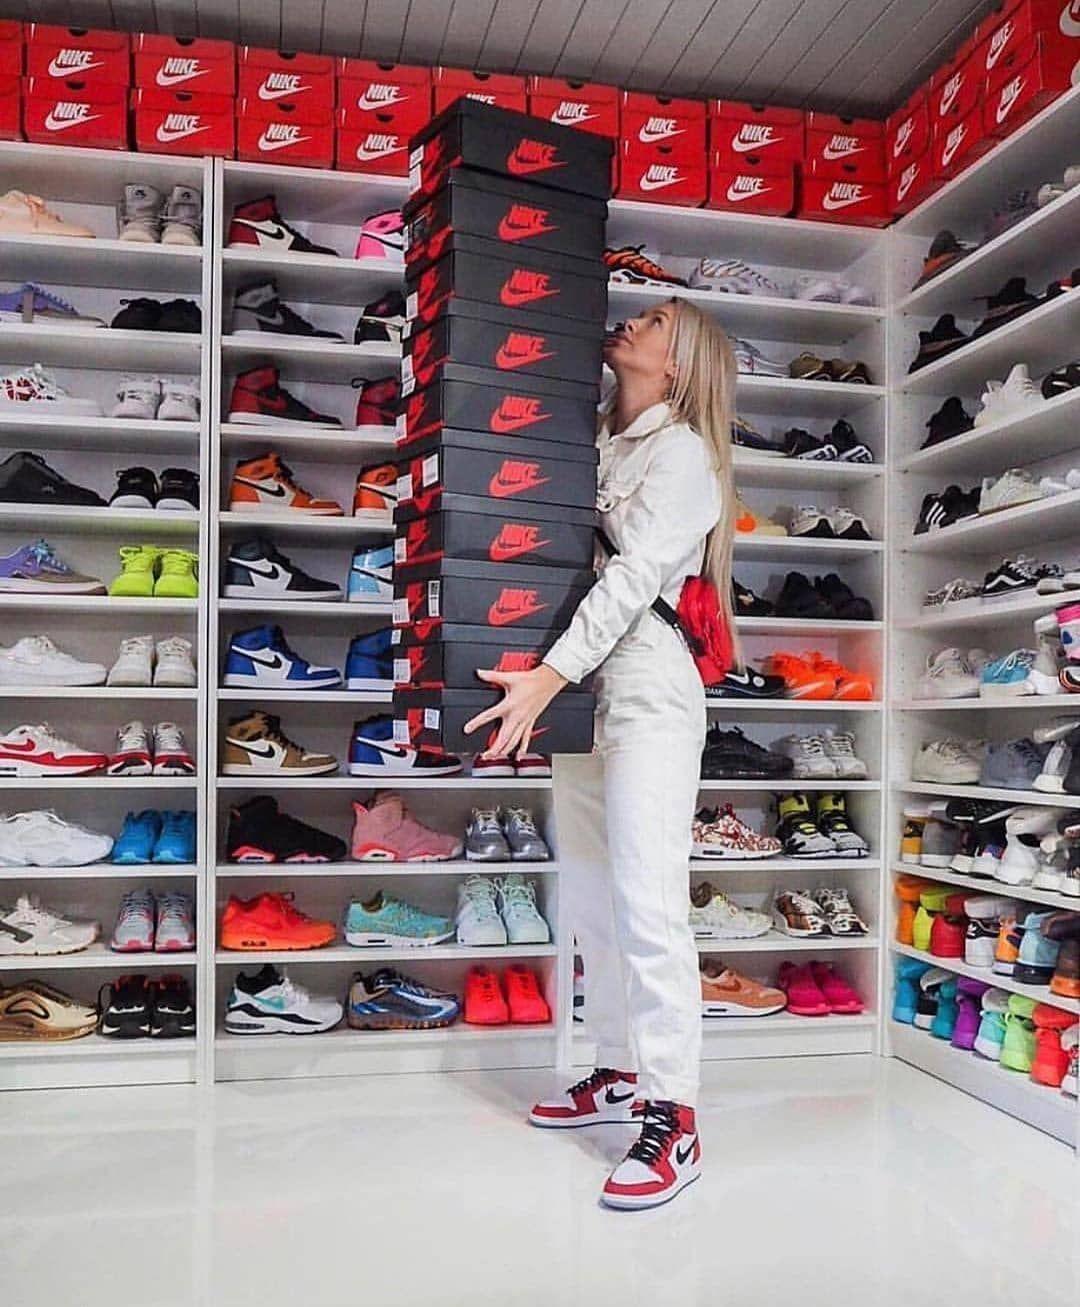 Streetwear Streetstyle Streetfashion Techwear Japanstyle Japanstreetwear Frenchwear En 2020 Chaussures De Sport Mode Chaussure Nike Jordan Dressing Chaussures